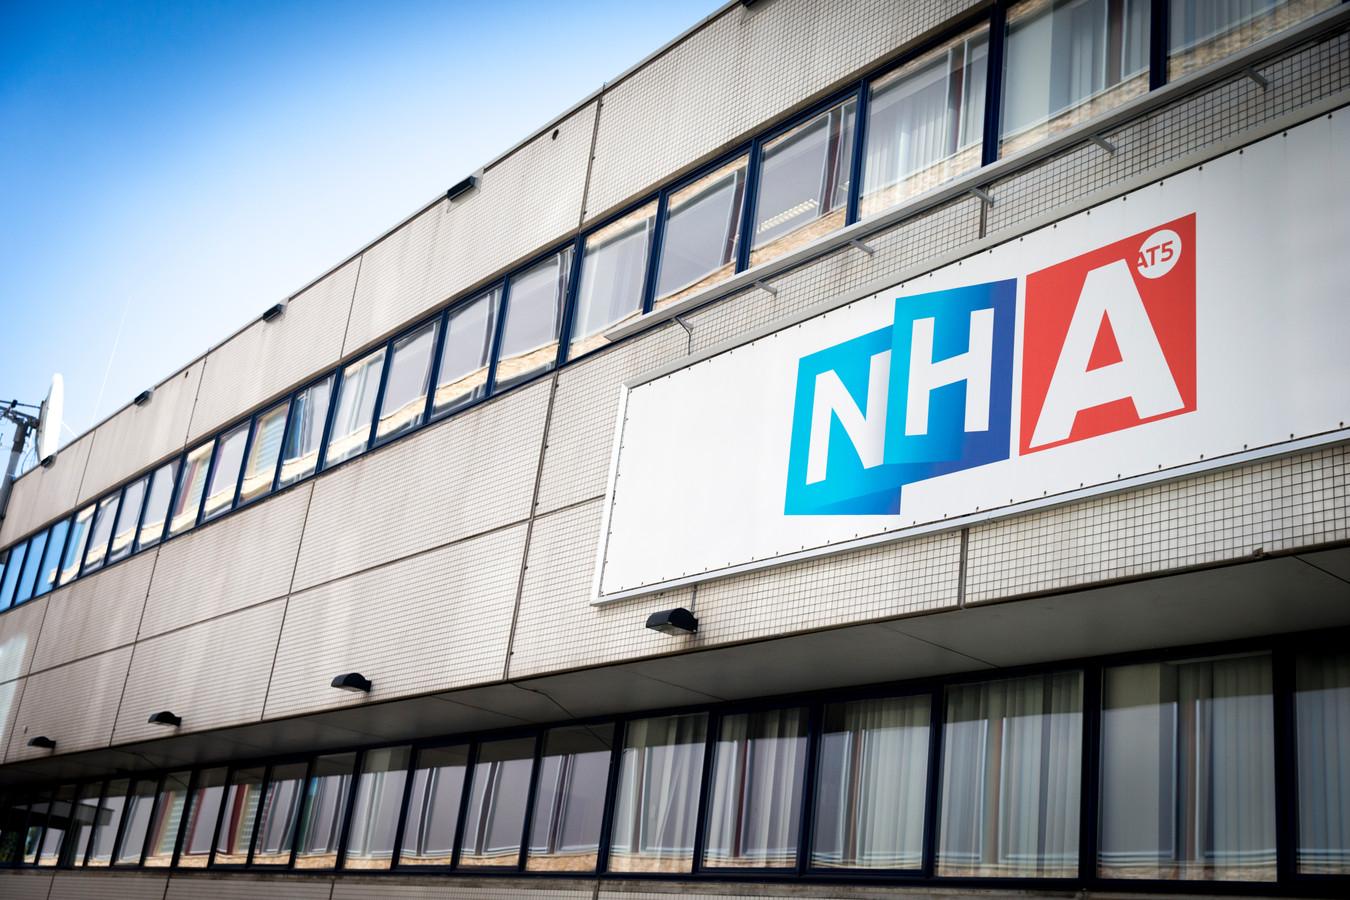 NH Media verruilt het huidige Amsterdamse pand voor een nieuw hoofdkantoor 'met grote voordelen' in Hilversum.